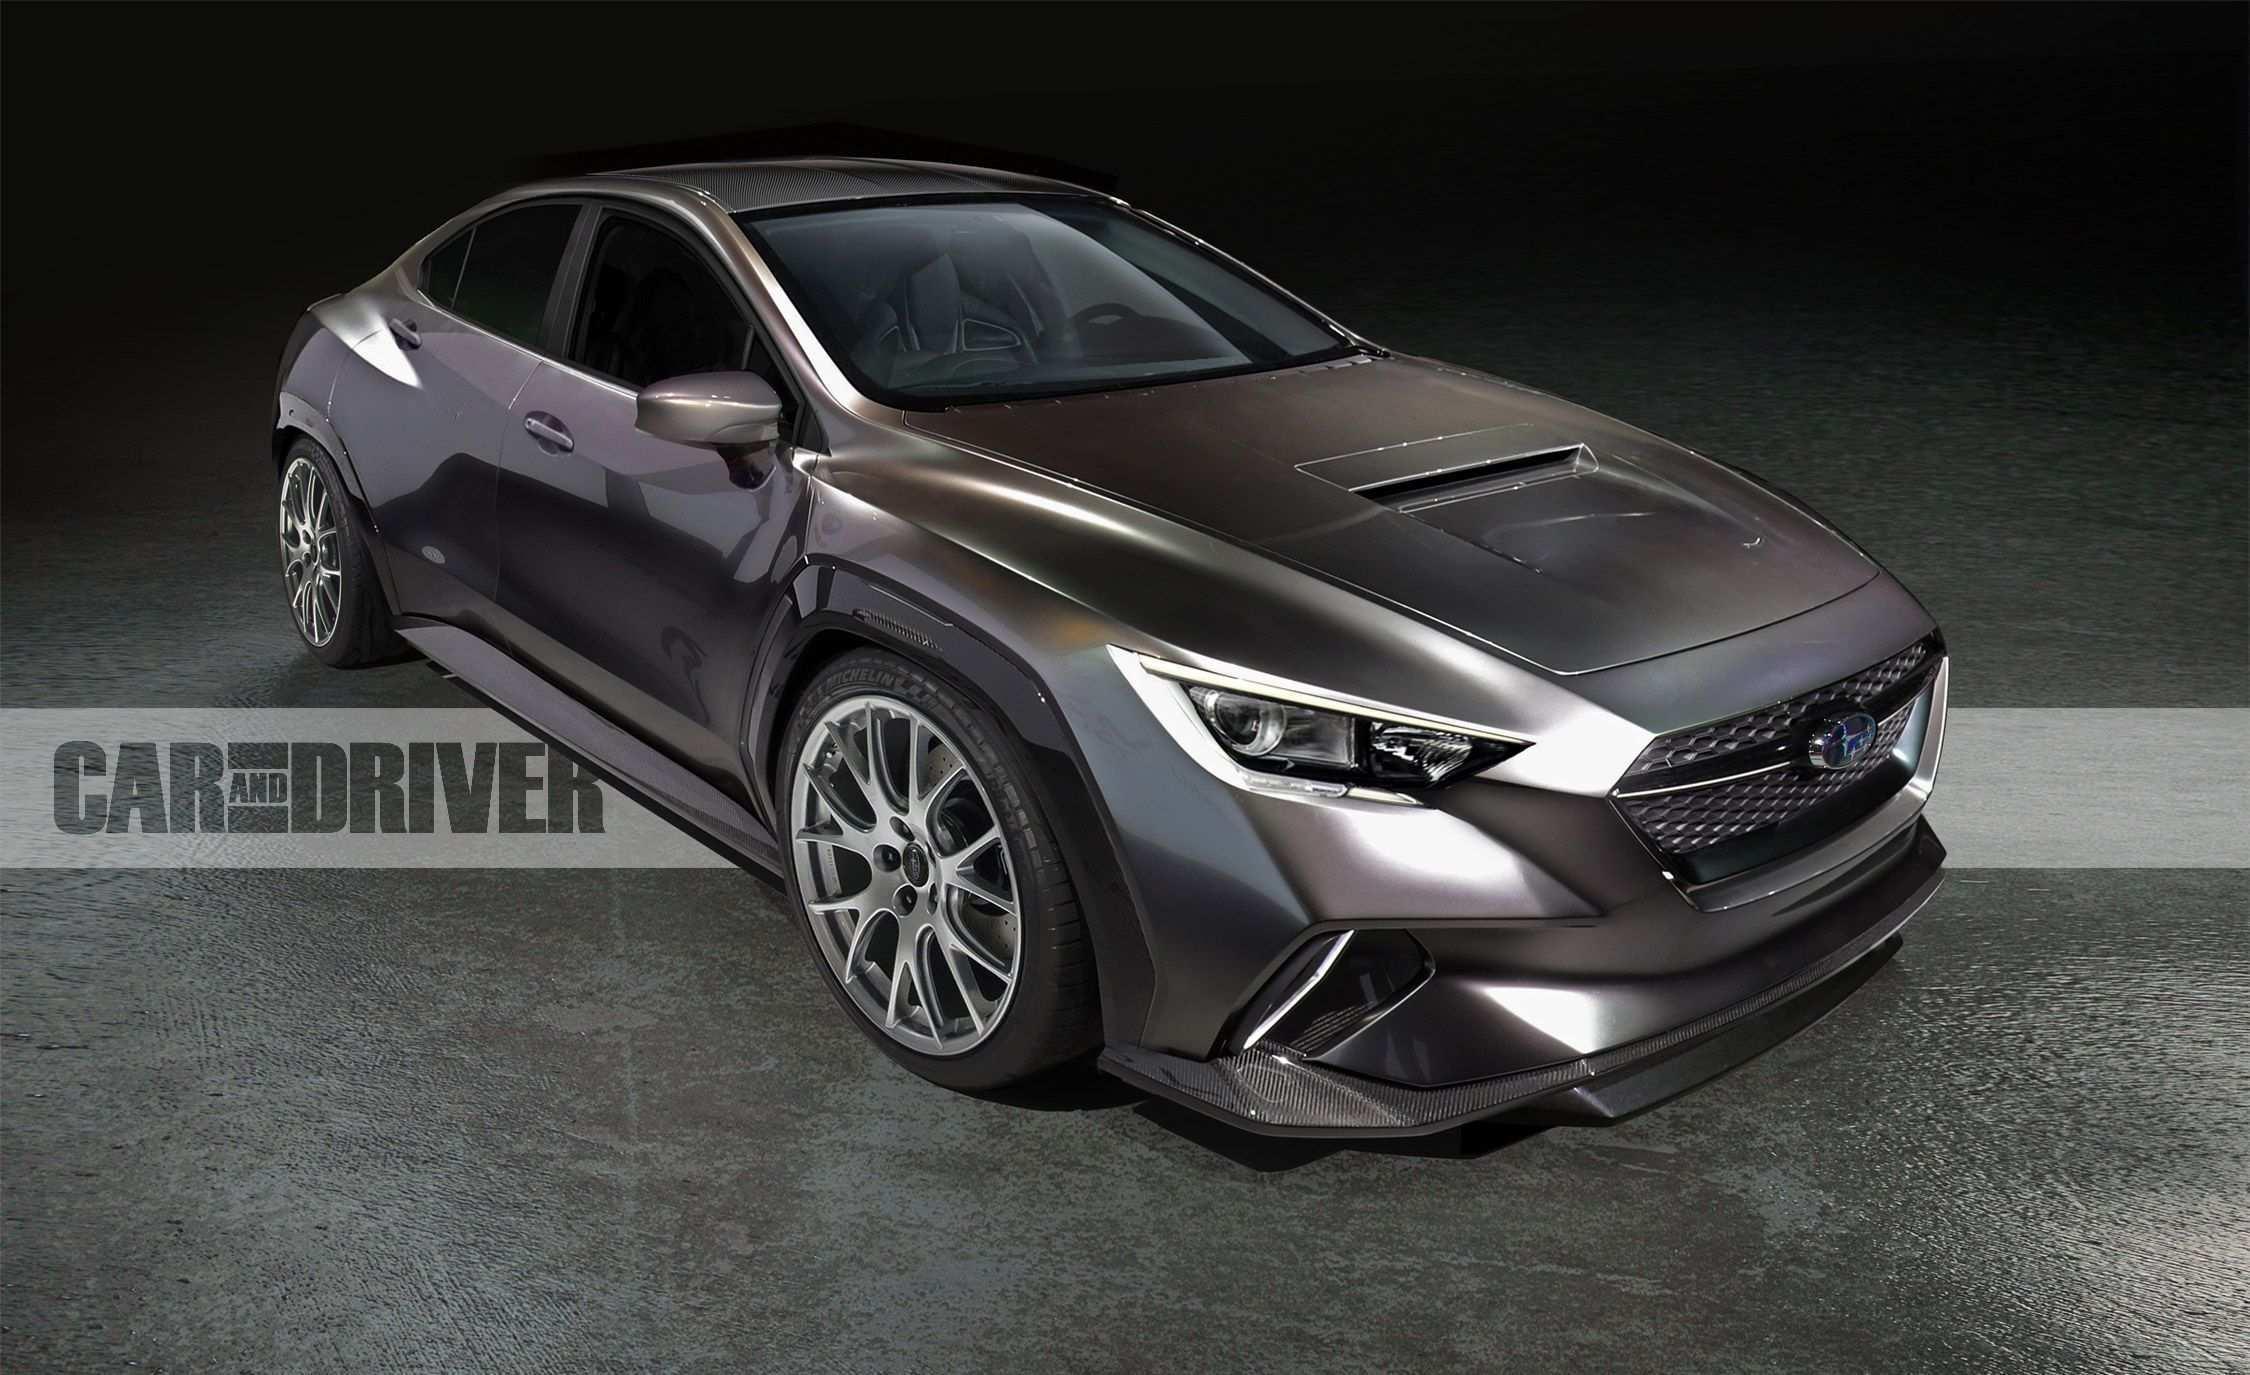 41 Great 2020 Subaru Wrx Exterior and Interior by 2020 Subaru Wrx